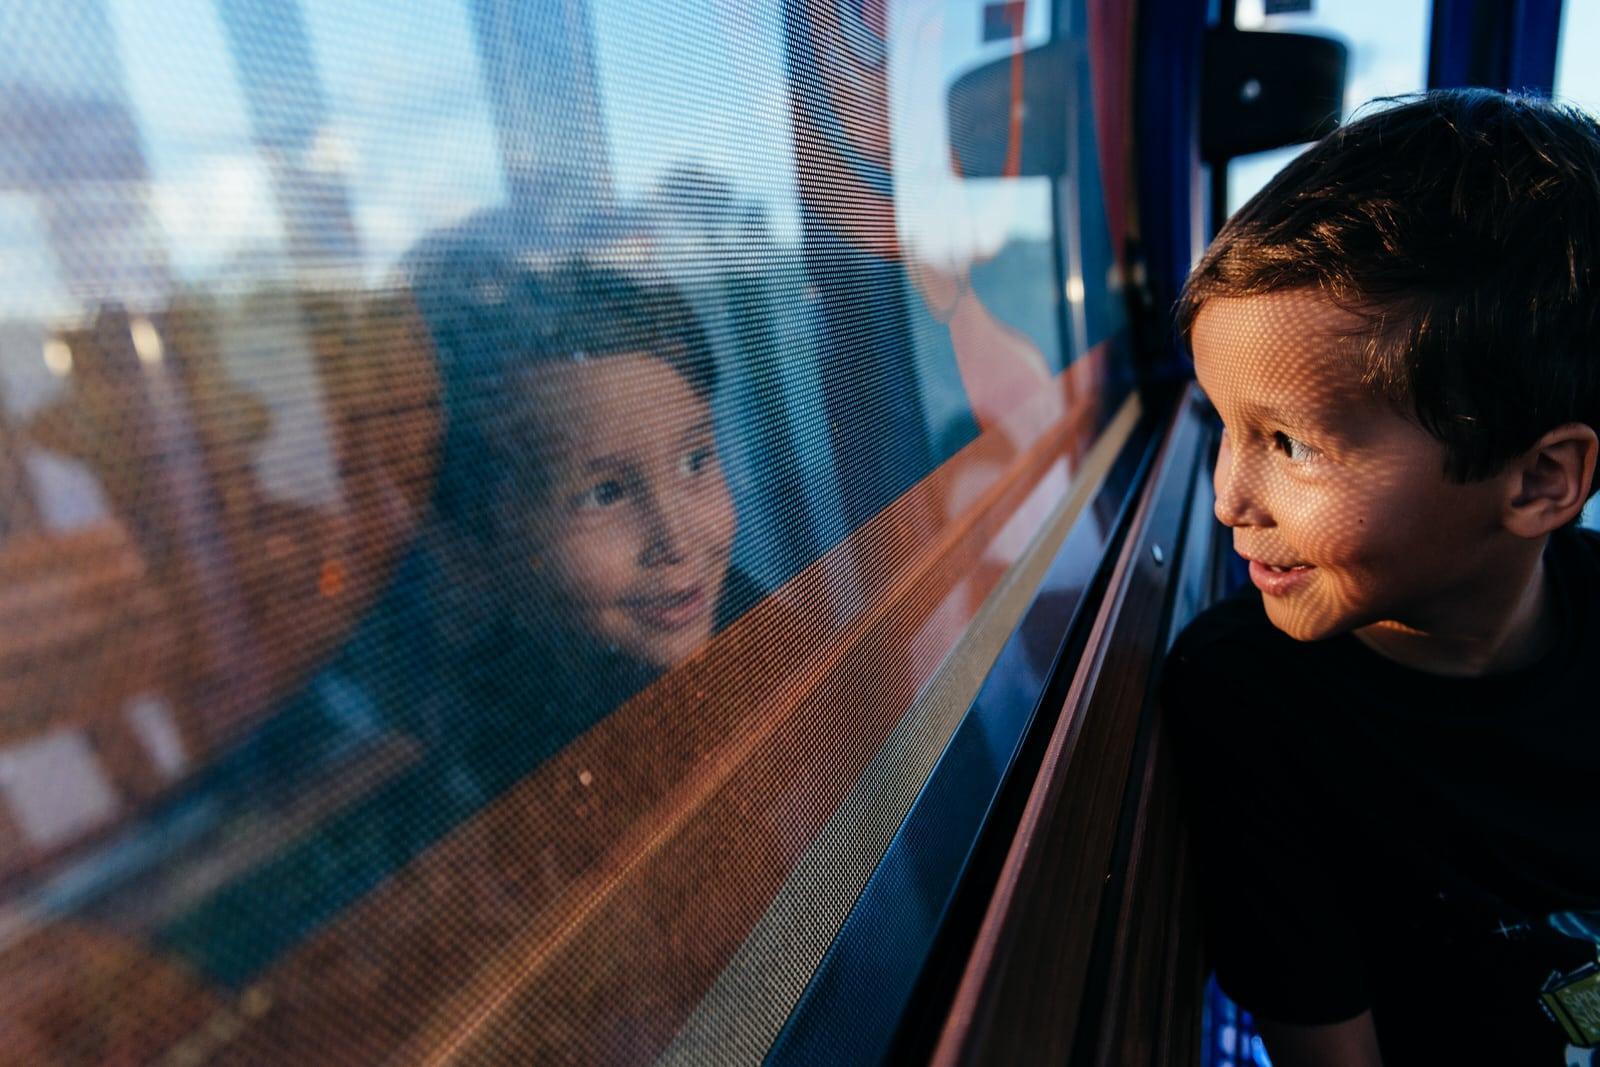 boy looks out window of Disney Skyliner